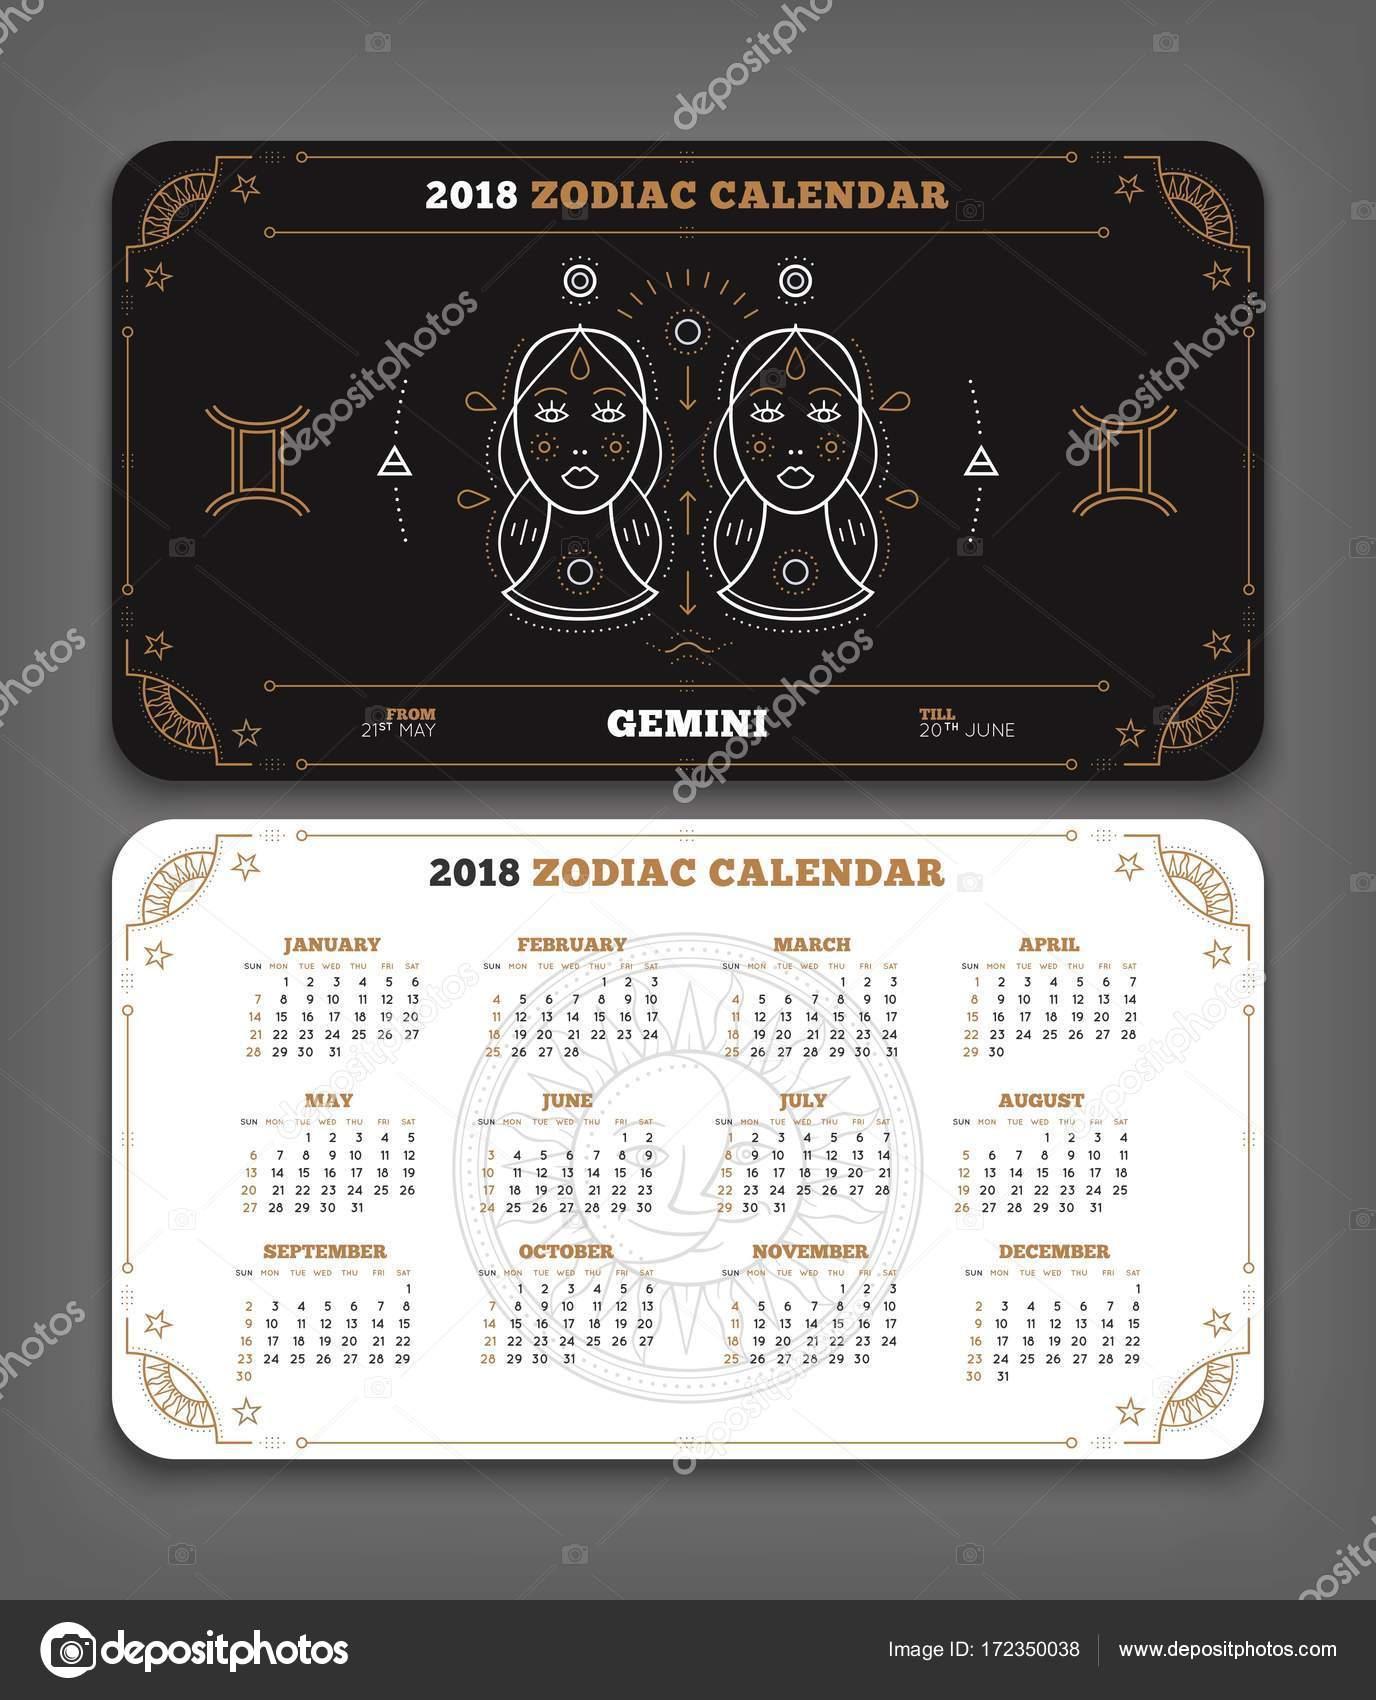 Calendario Zodiacal.Geminis Signo Zodiacal Doble Cara Geminis 2018 Ano Zodiaco